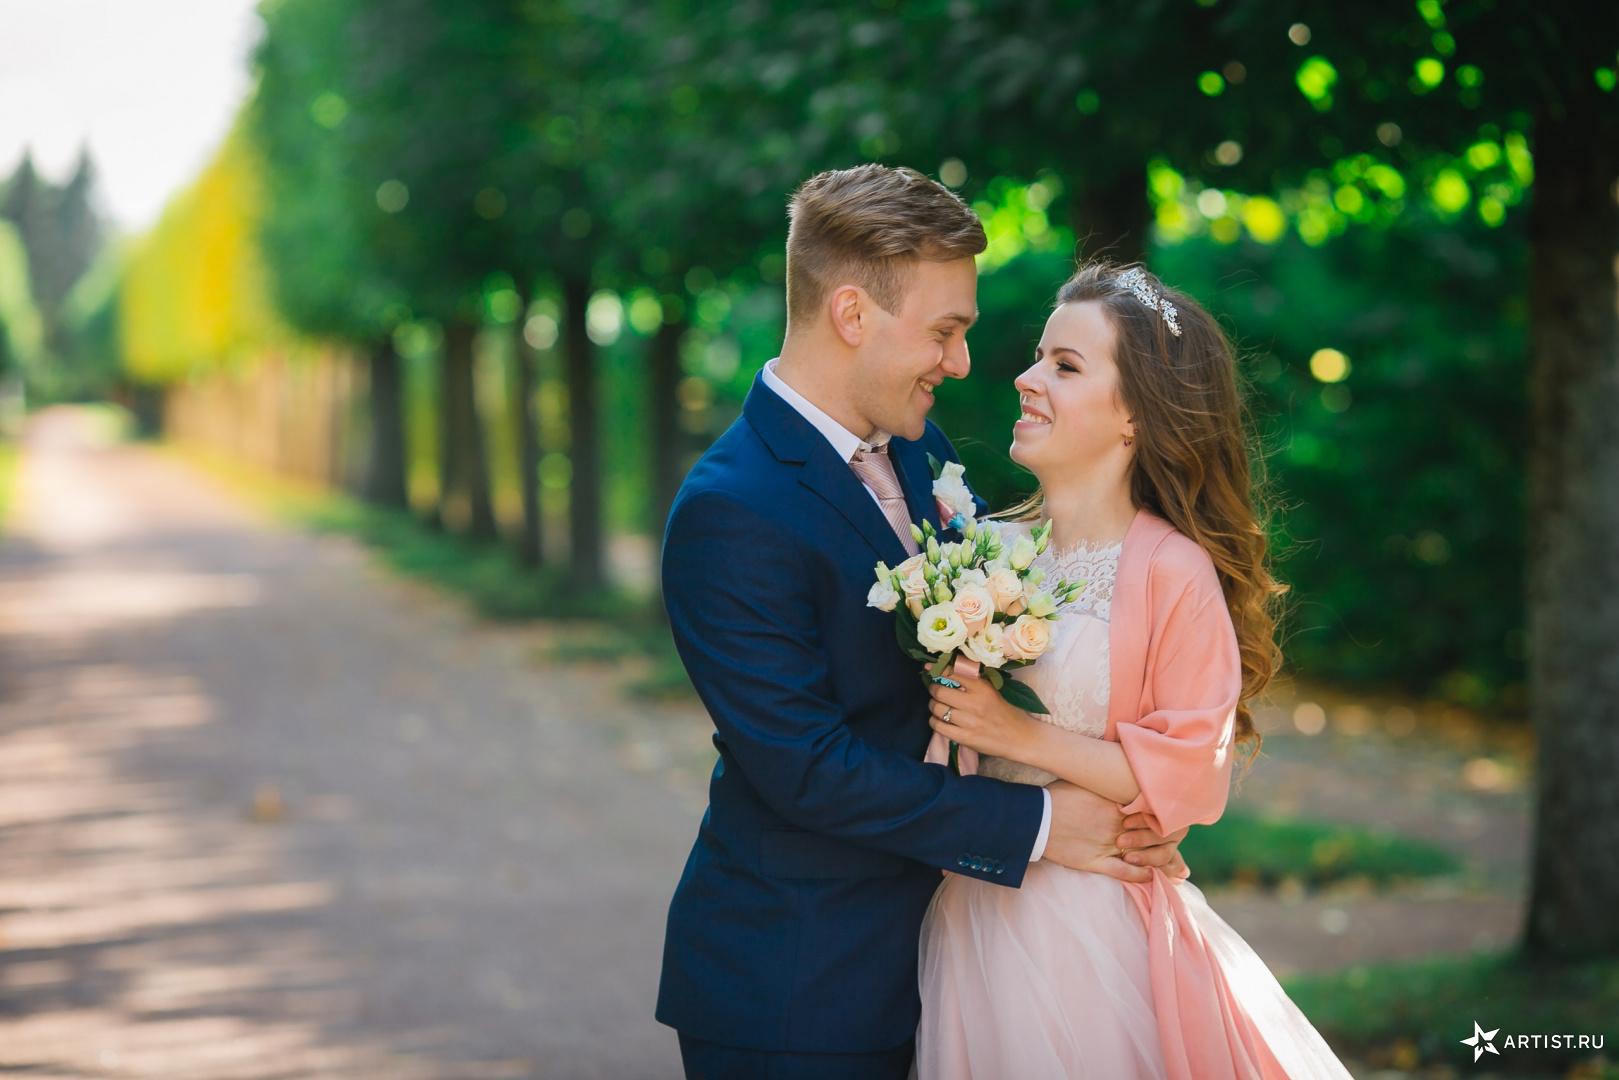 Фото 15 из 15 из альбома Свадьба Анастасии и Дмитрия Андрея Кислого